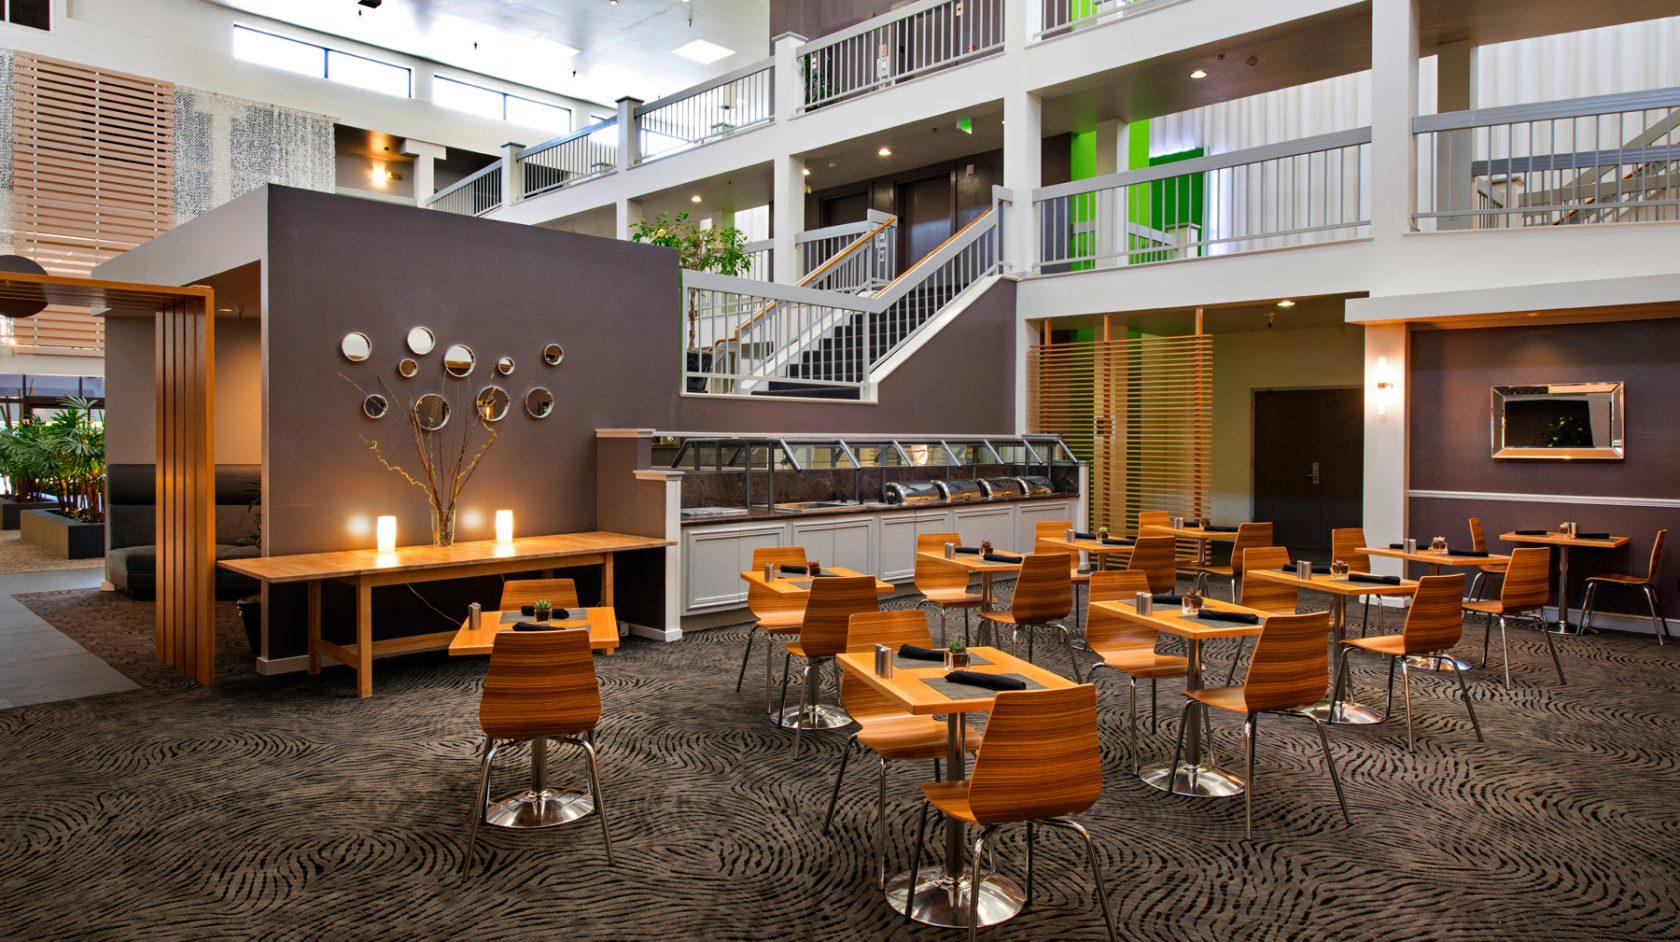 Domain Hotel lobby area